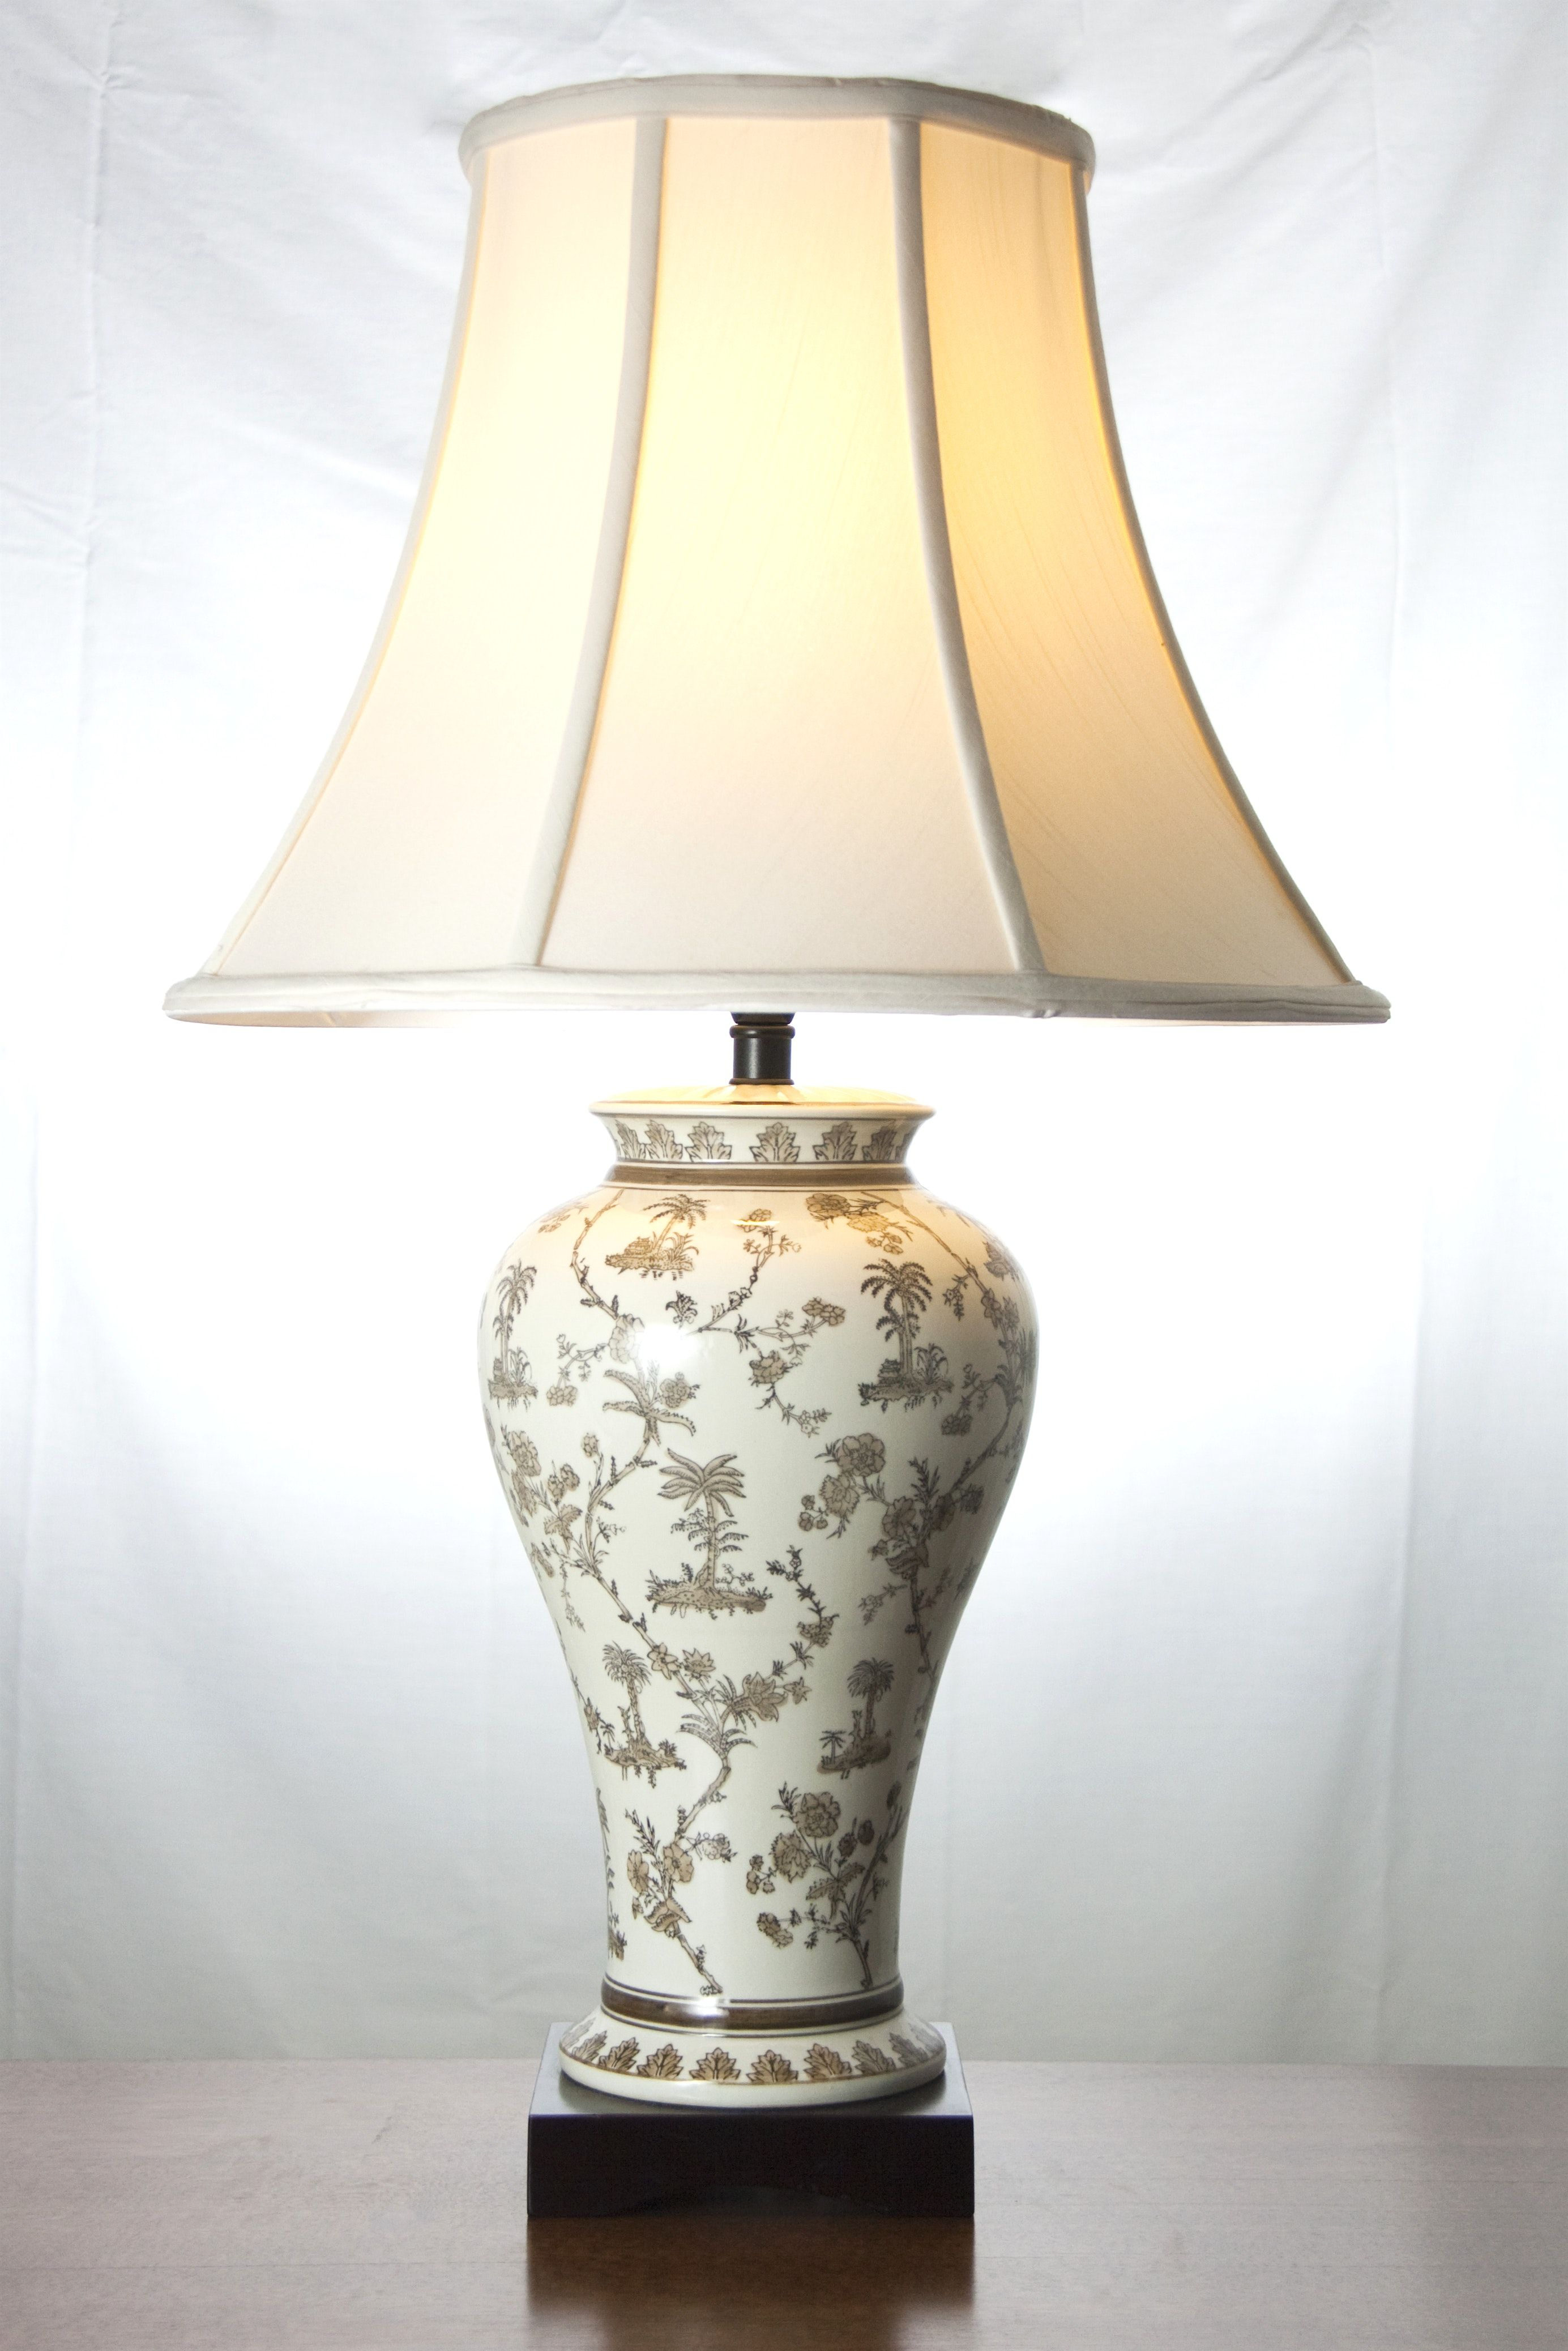 Beistelltisch Lampen Gelb Nachttischlampen Schlafzimmer